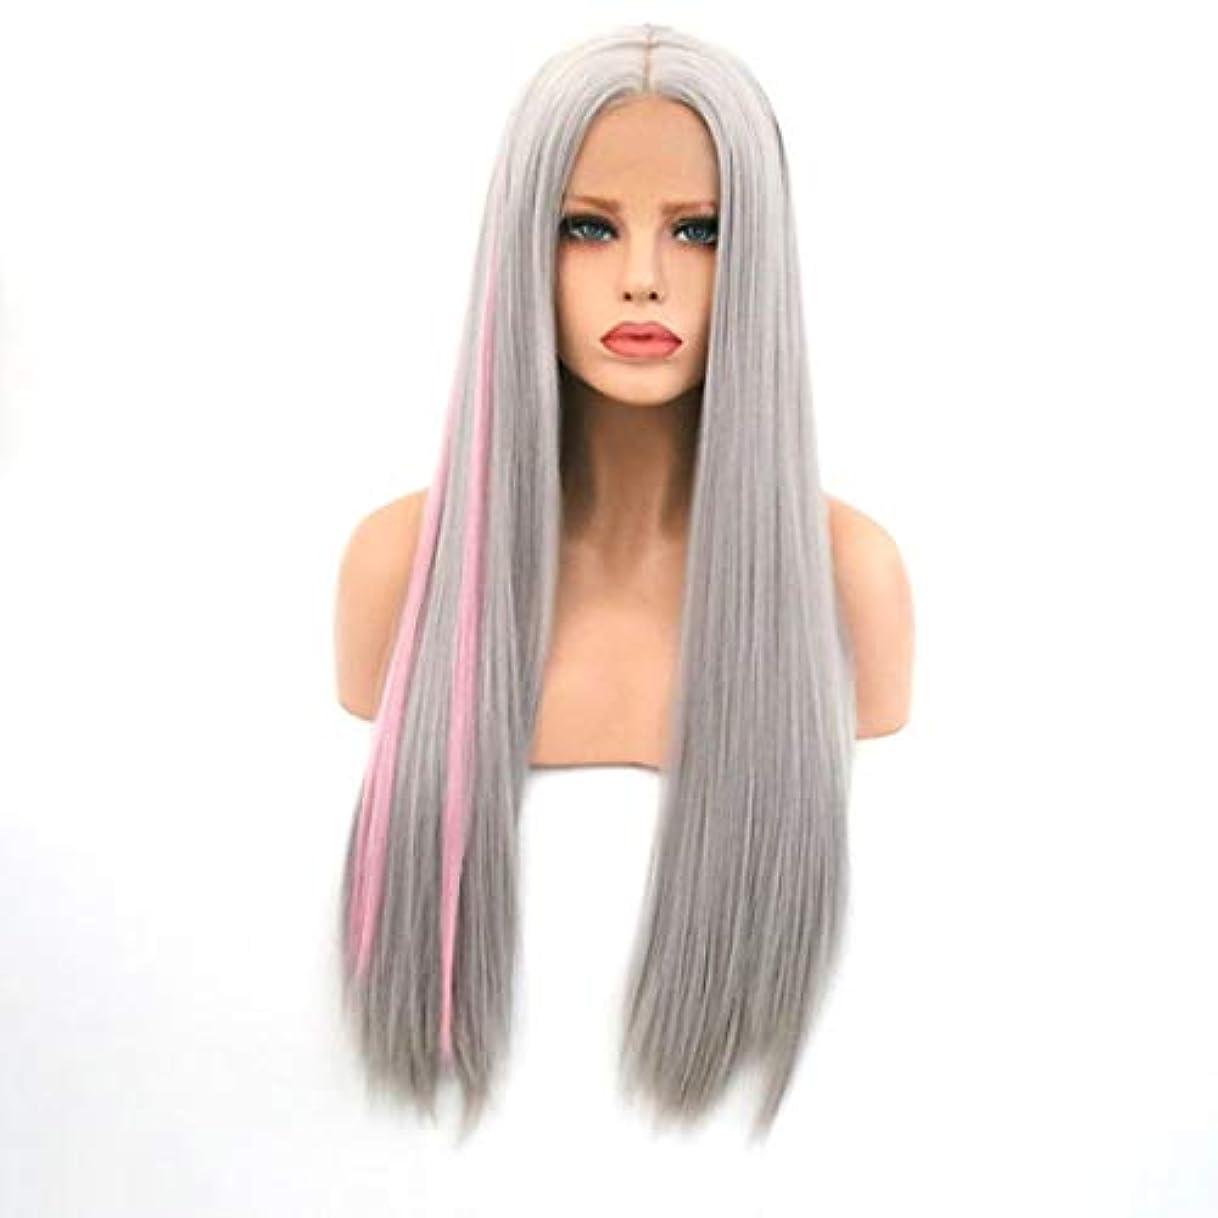 に同意する衣装現象Summerys 女性のためのロングストレートヘアフロントレース化学繊維ウィッグヘッドギアをかつら